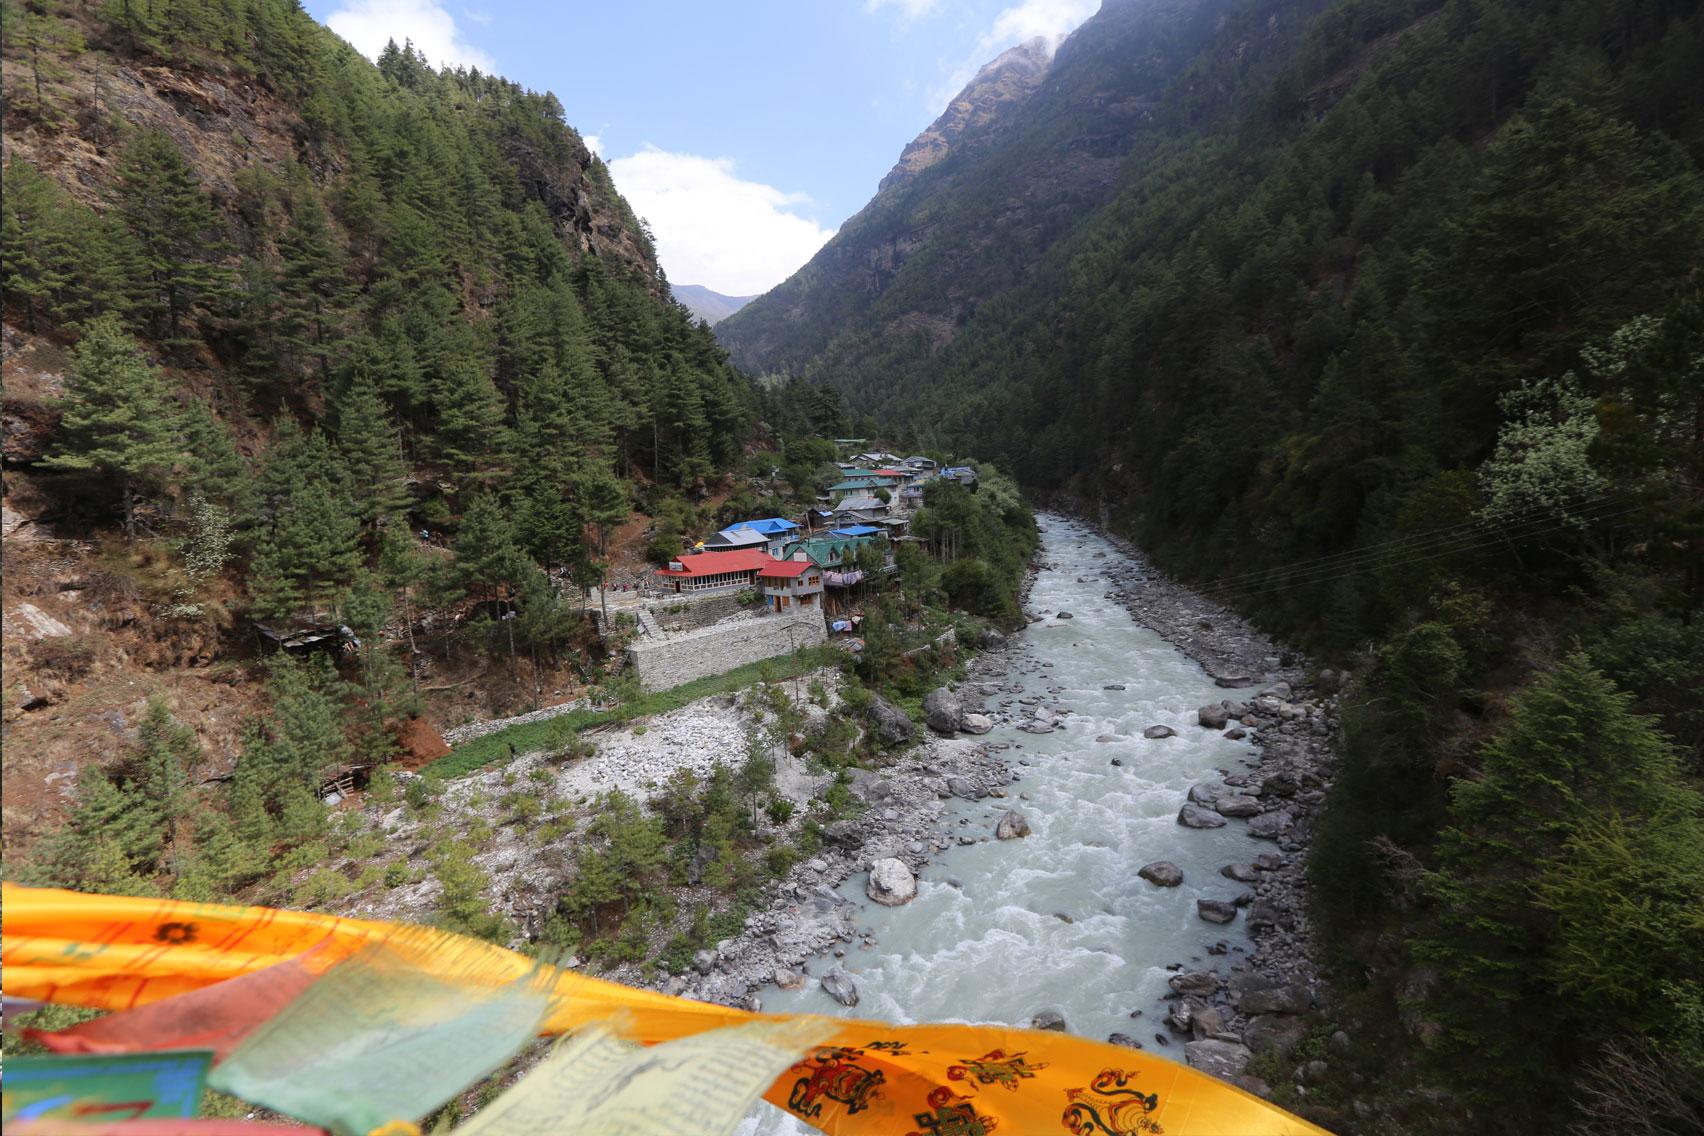 Day 4: Trek from Phakding (2650m) to Namche Bazaar (4hrs, 3445m)